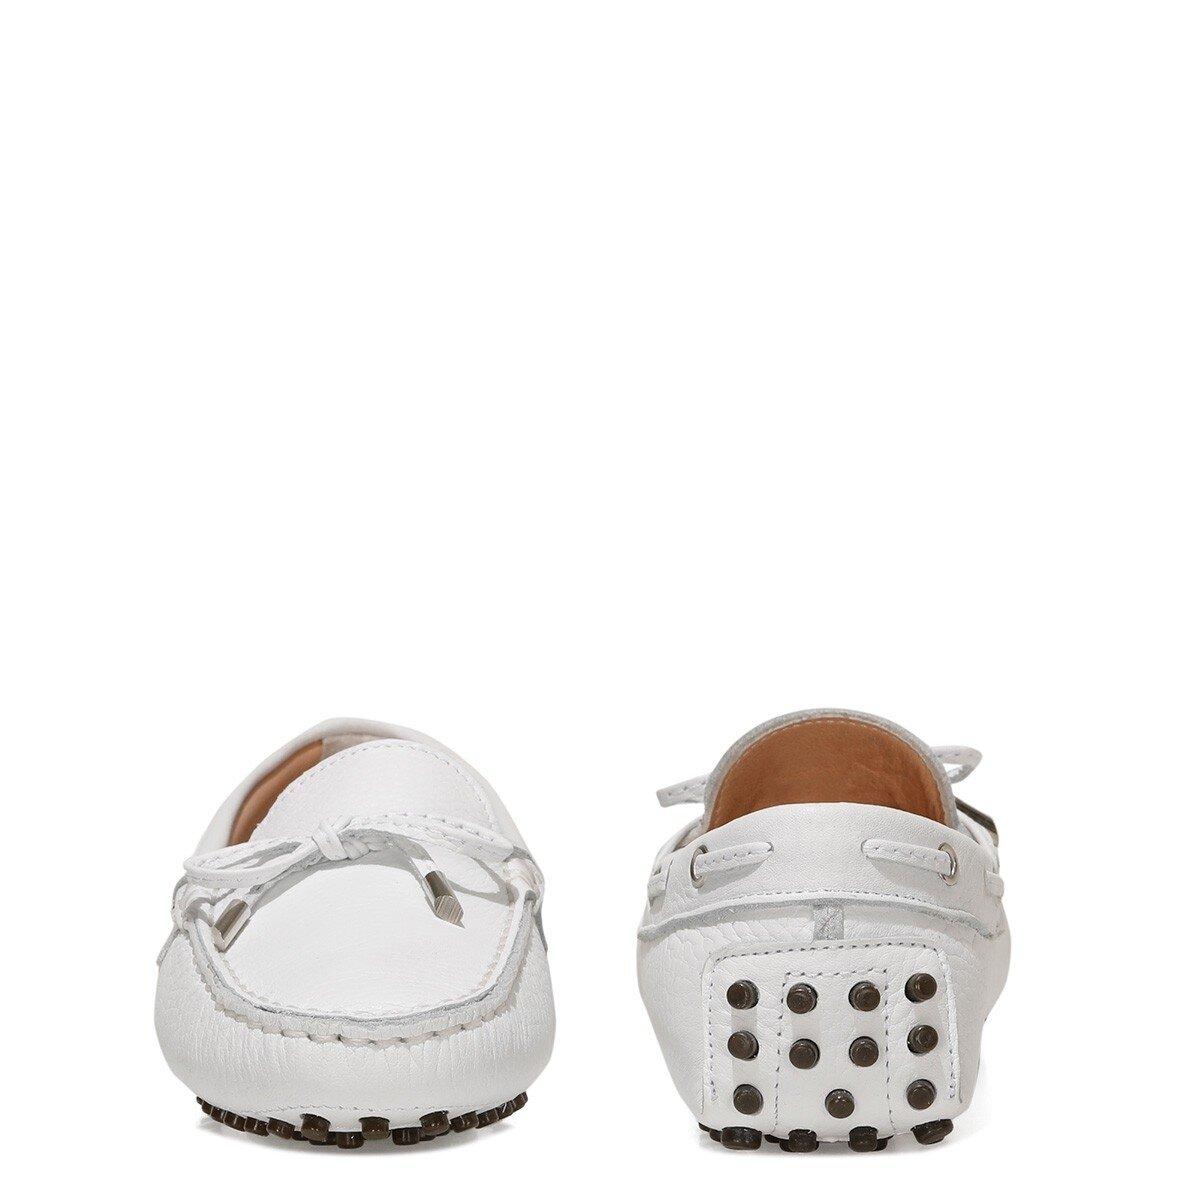 HOLT 1FX Beyaz Kadın Loafer Ayakkabı